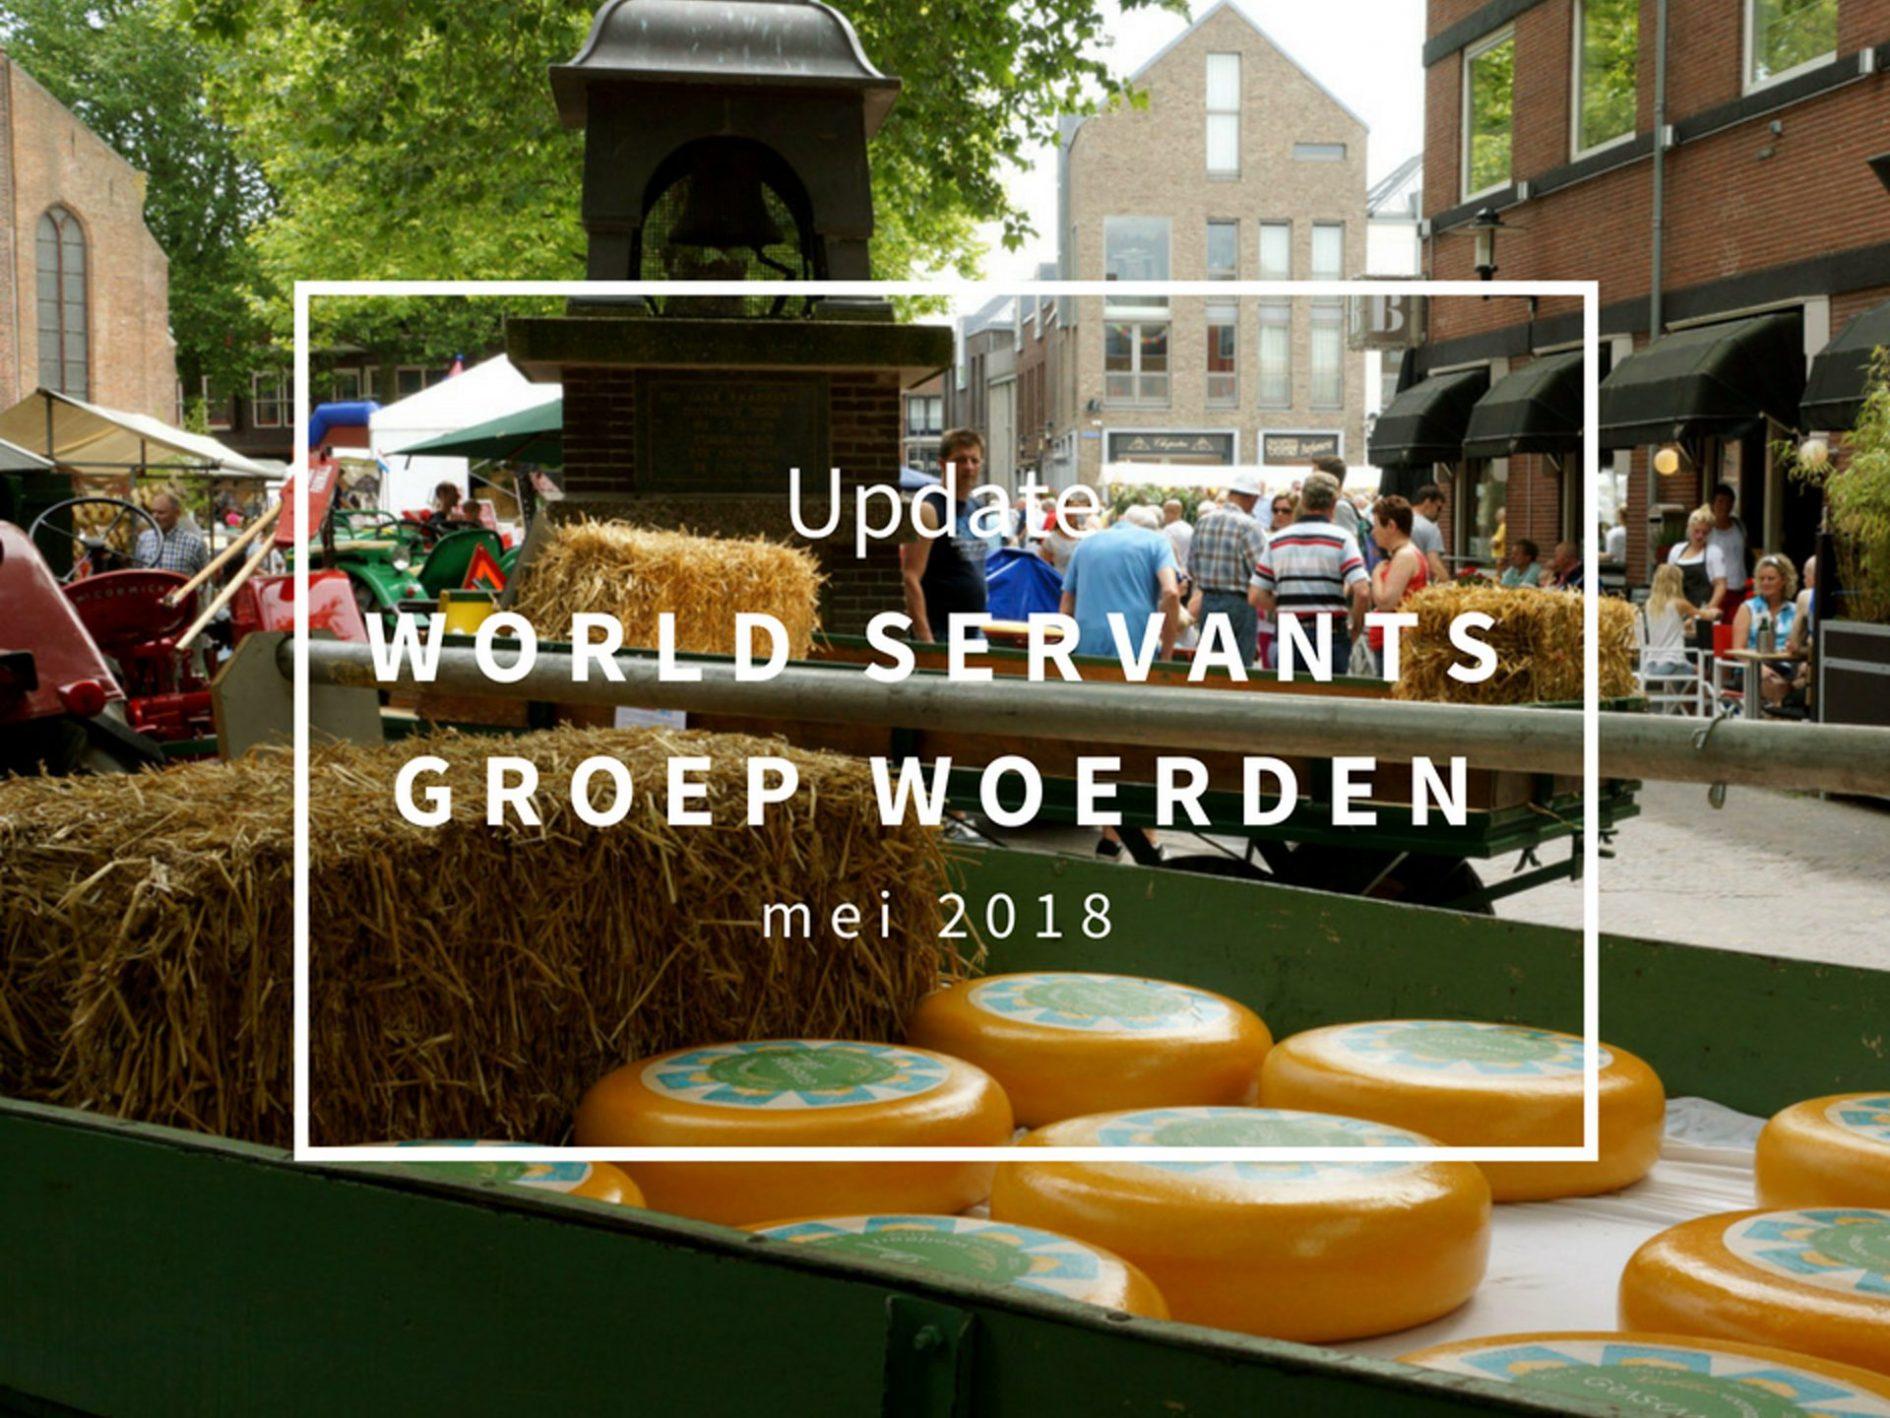 Update World servants mei 2018